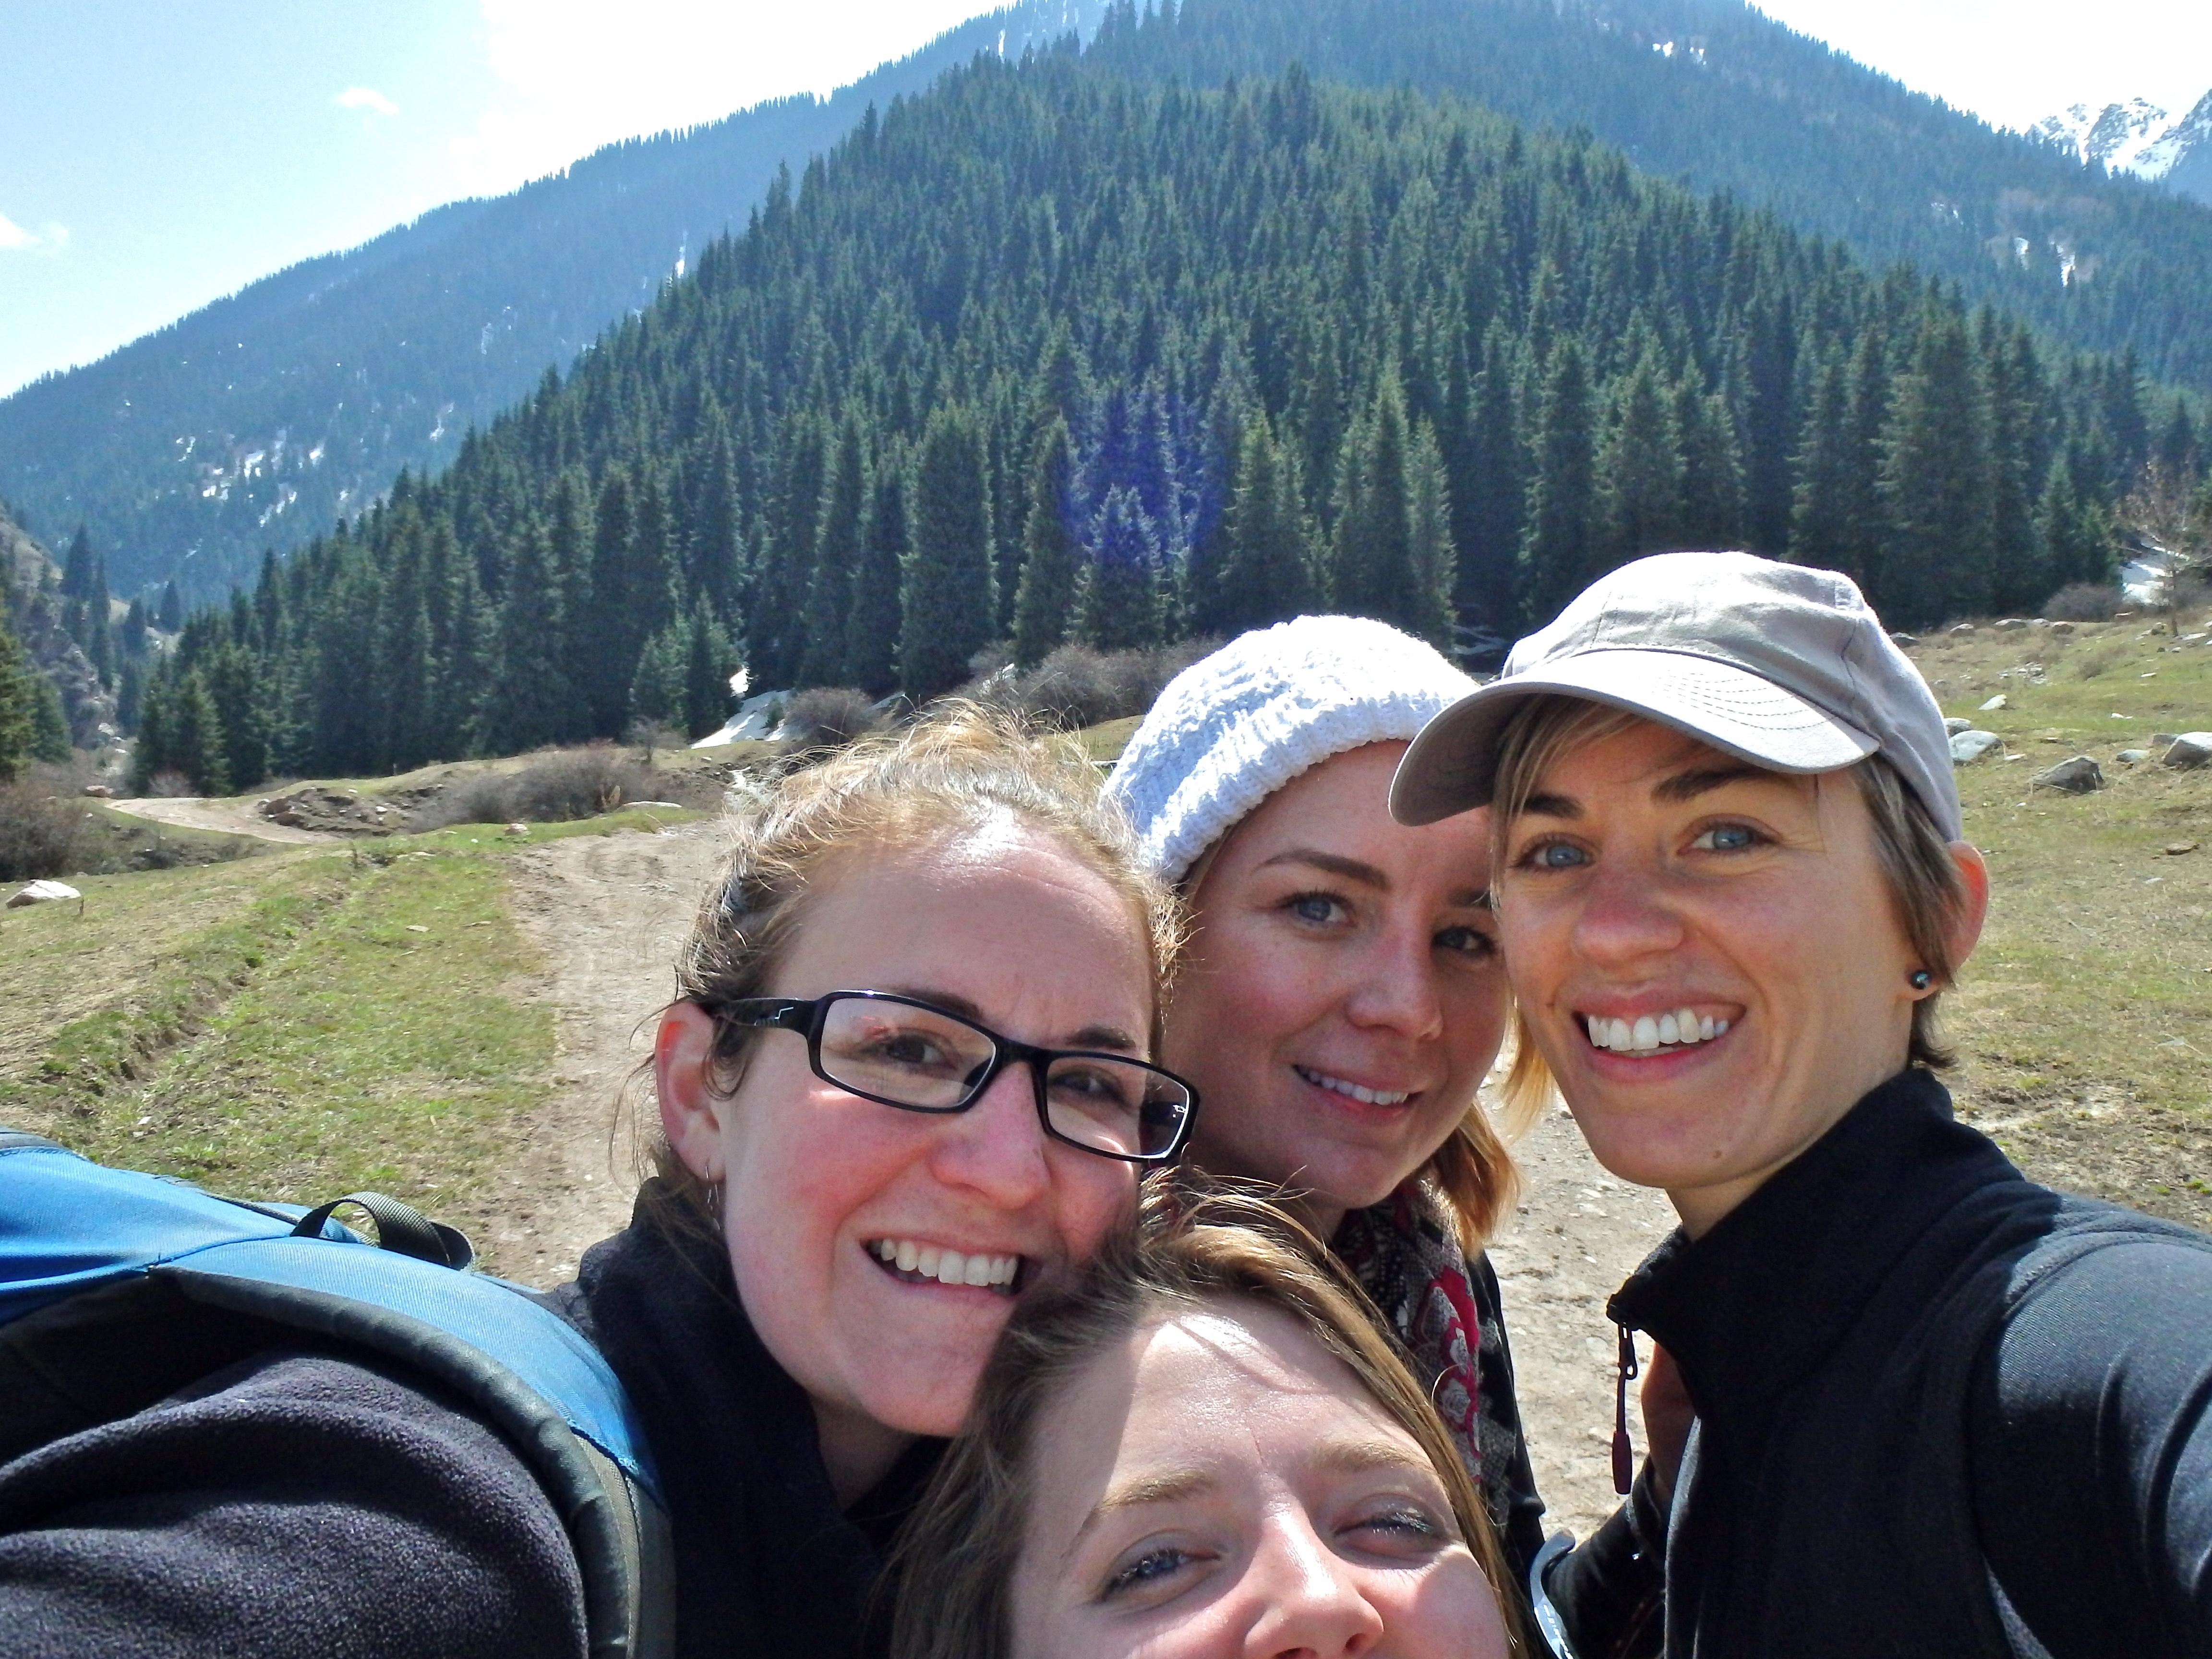 hiking in kyrgyzstan scenery, best hikes in kyrgyzstan